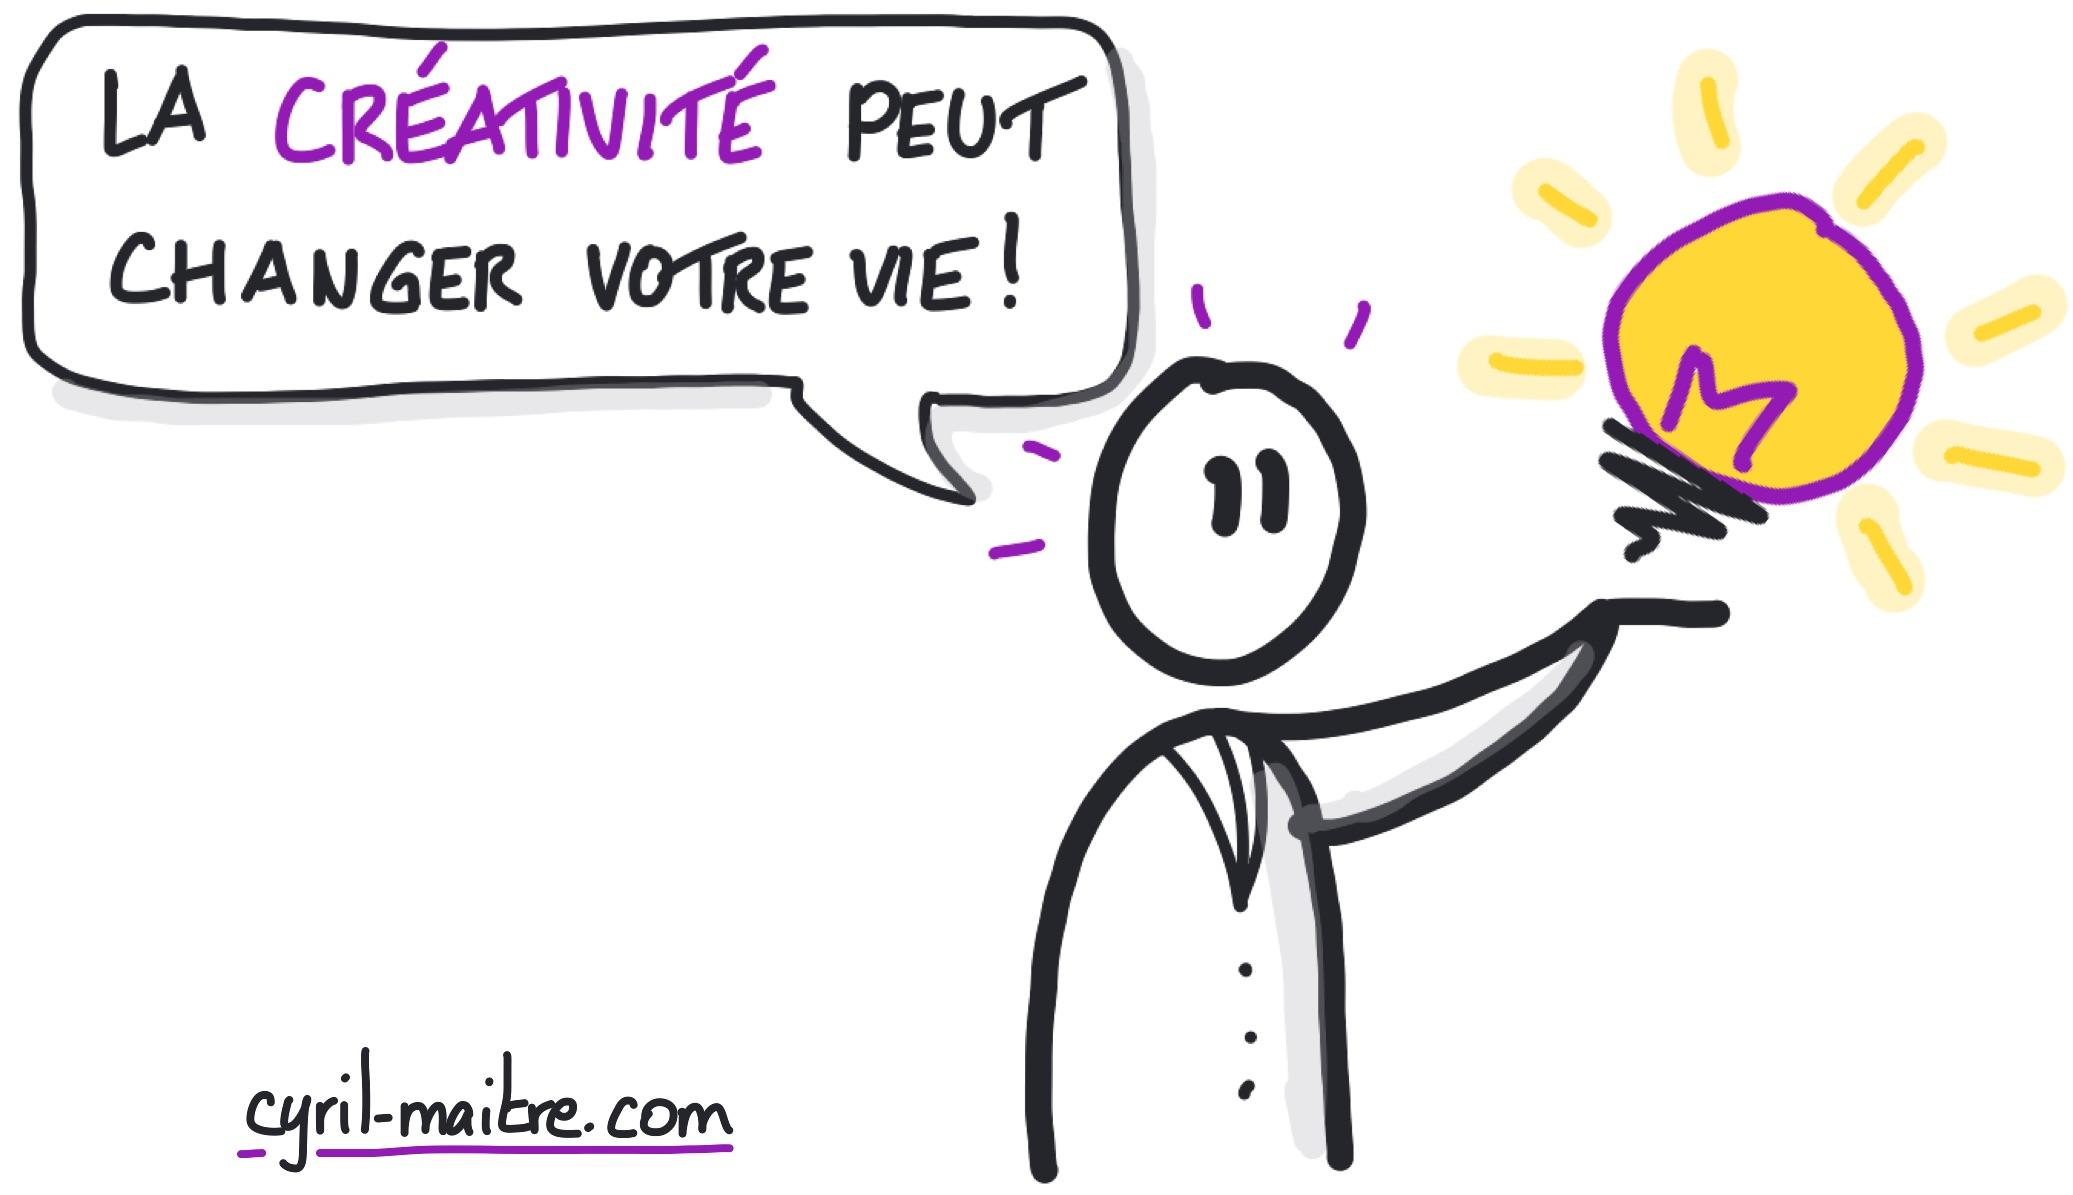 La créativité peut changer voter vie... vraiment !